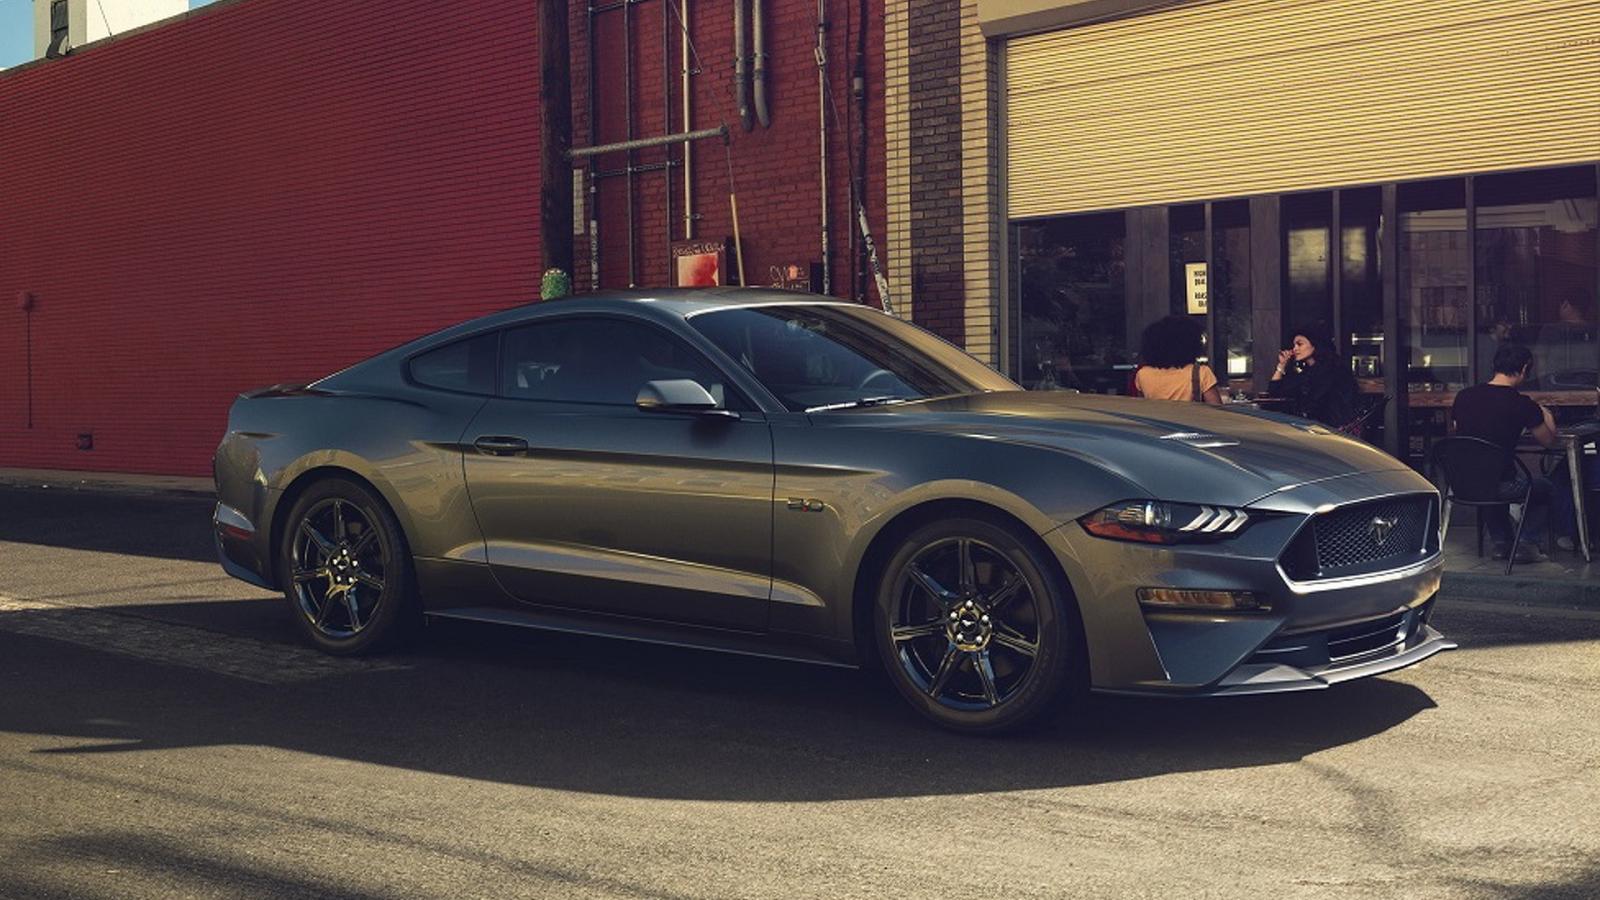 Дуэйн «Скала» Джонсон представил Форд Mustang новоиспеченной генерации вСША